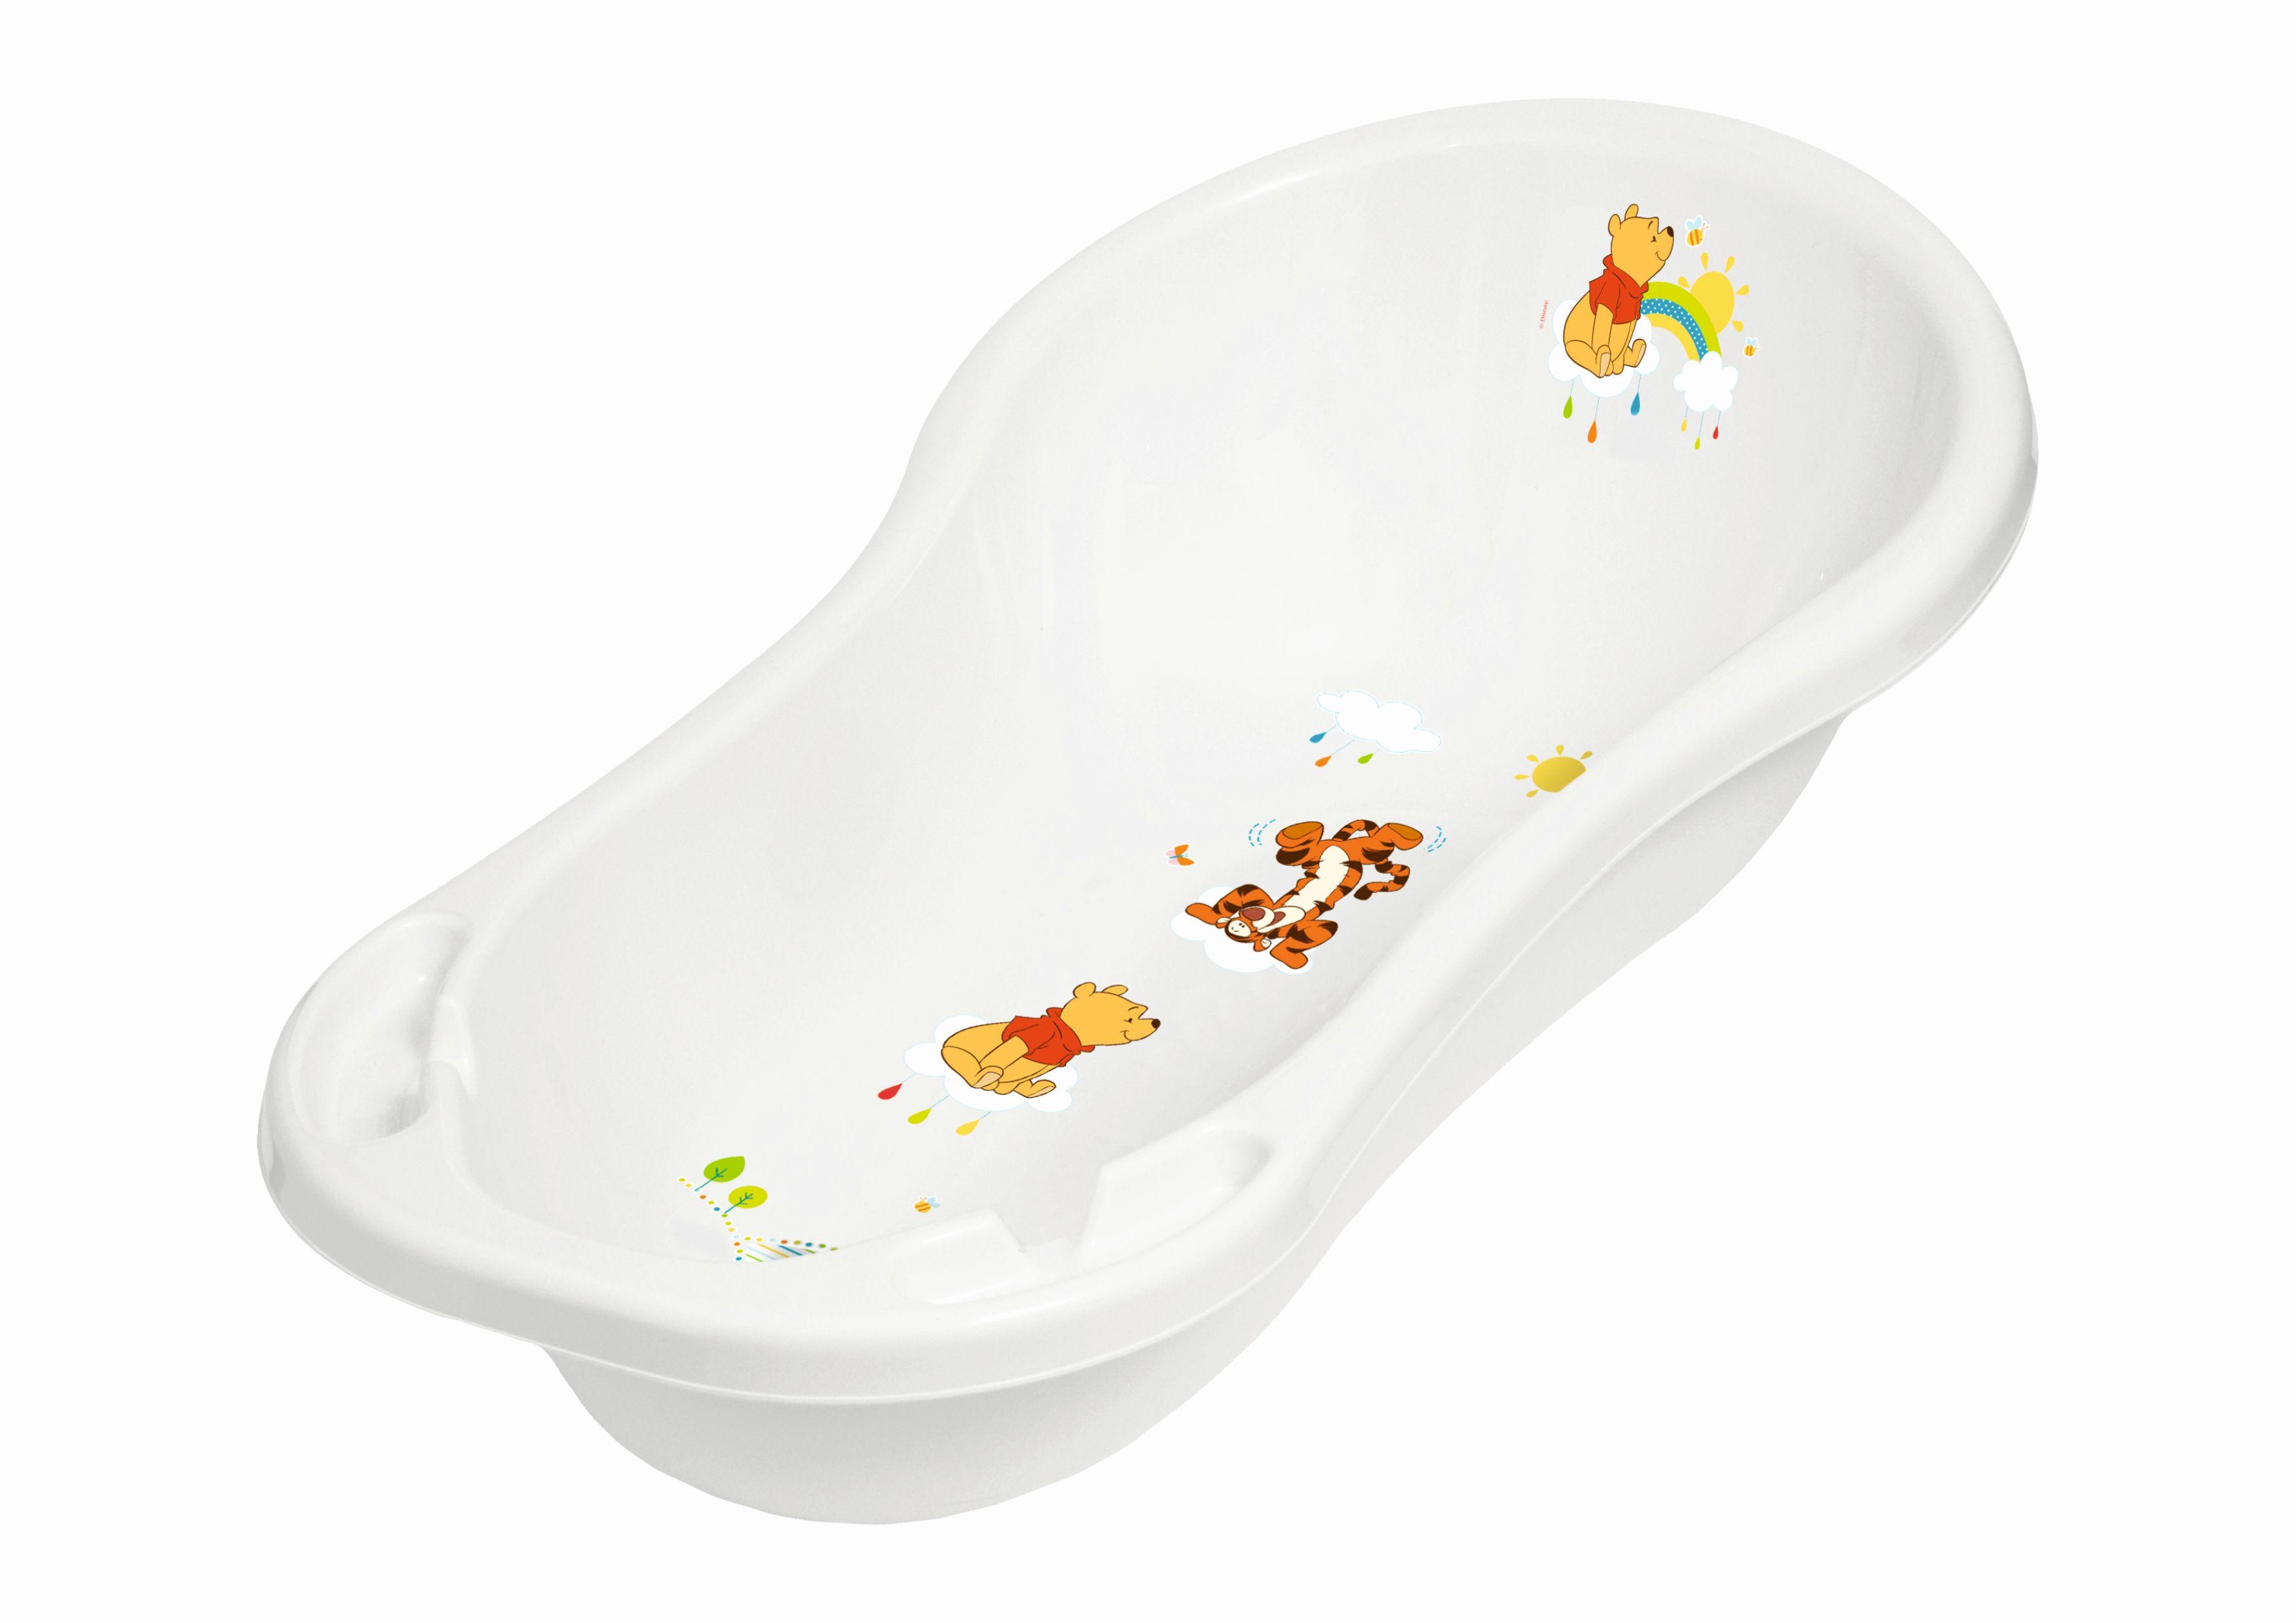 Детская ванна с пробкой Keeeper Disney maria winnie the pooh, 100 см